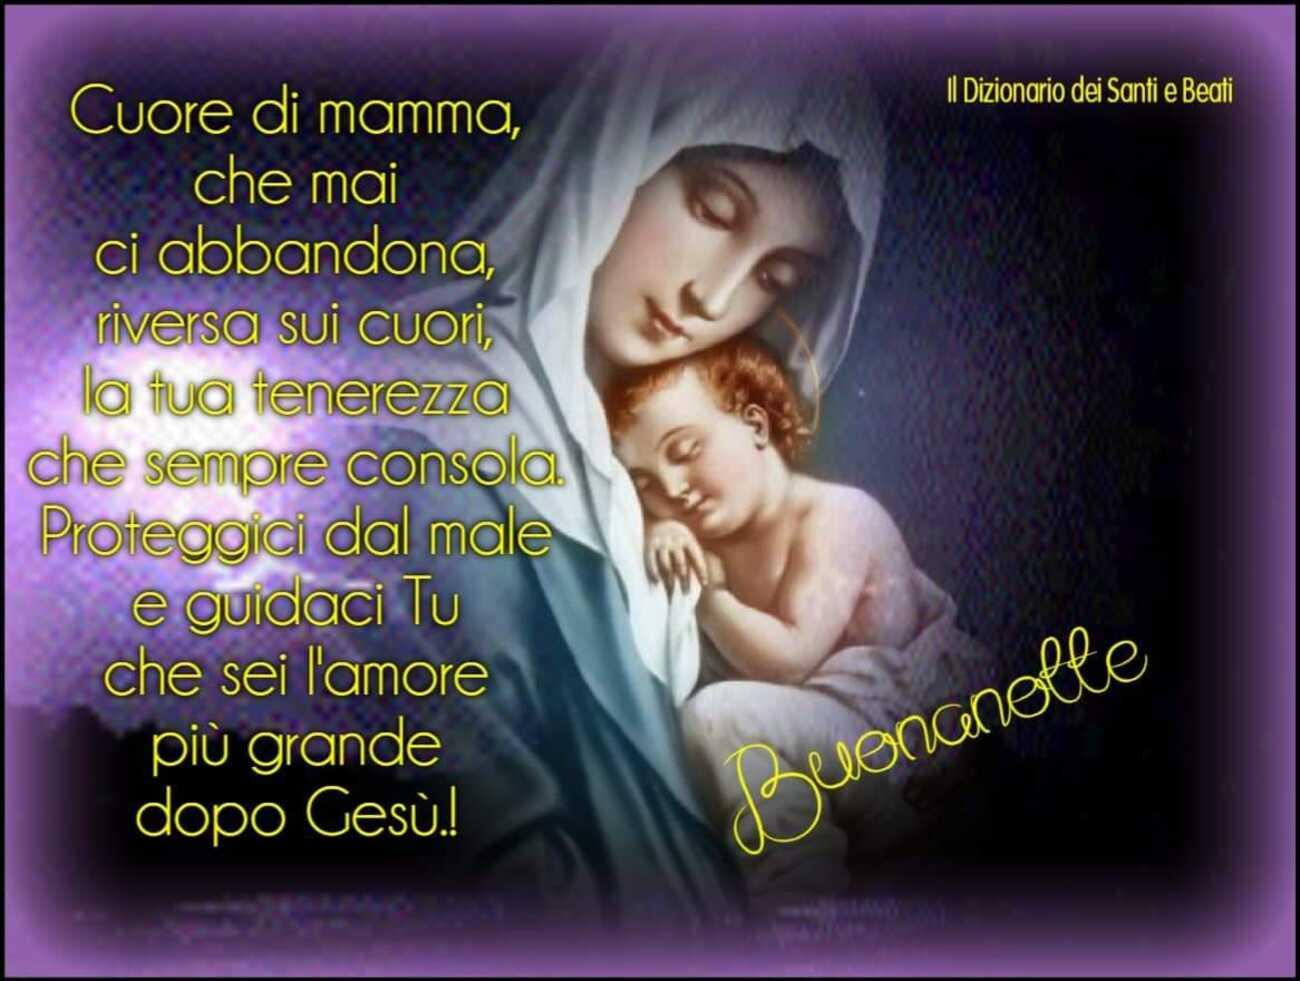 Immagini di buonanotte cristiane cattoliche per Facebook 5